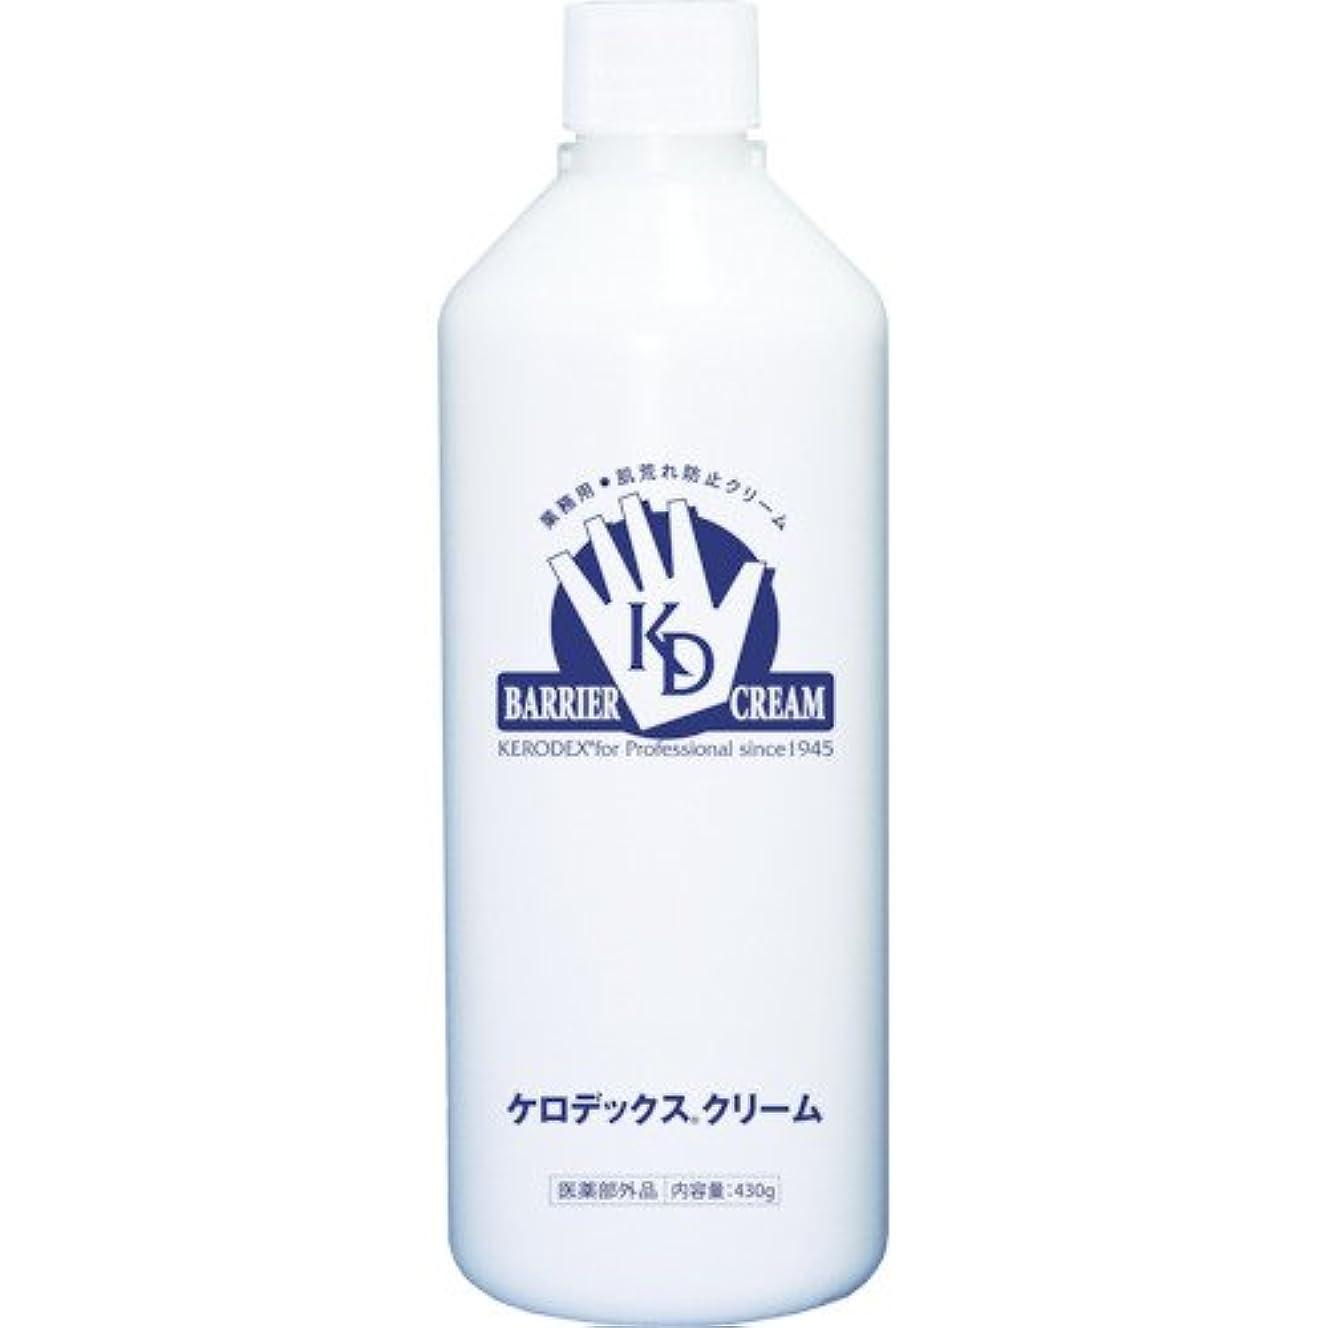 によるとピースまた明日ねケロデックスクリーム ボトルタイプ 詰替用 430g